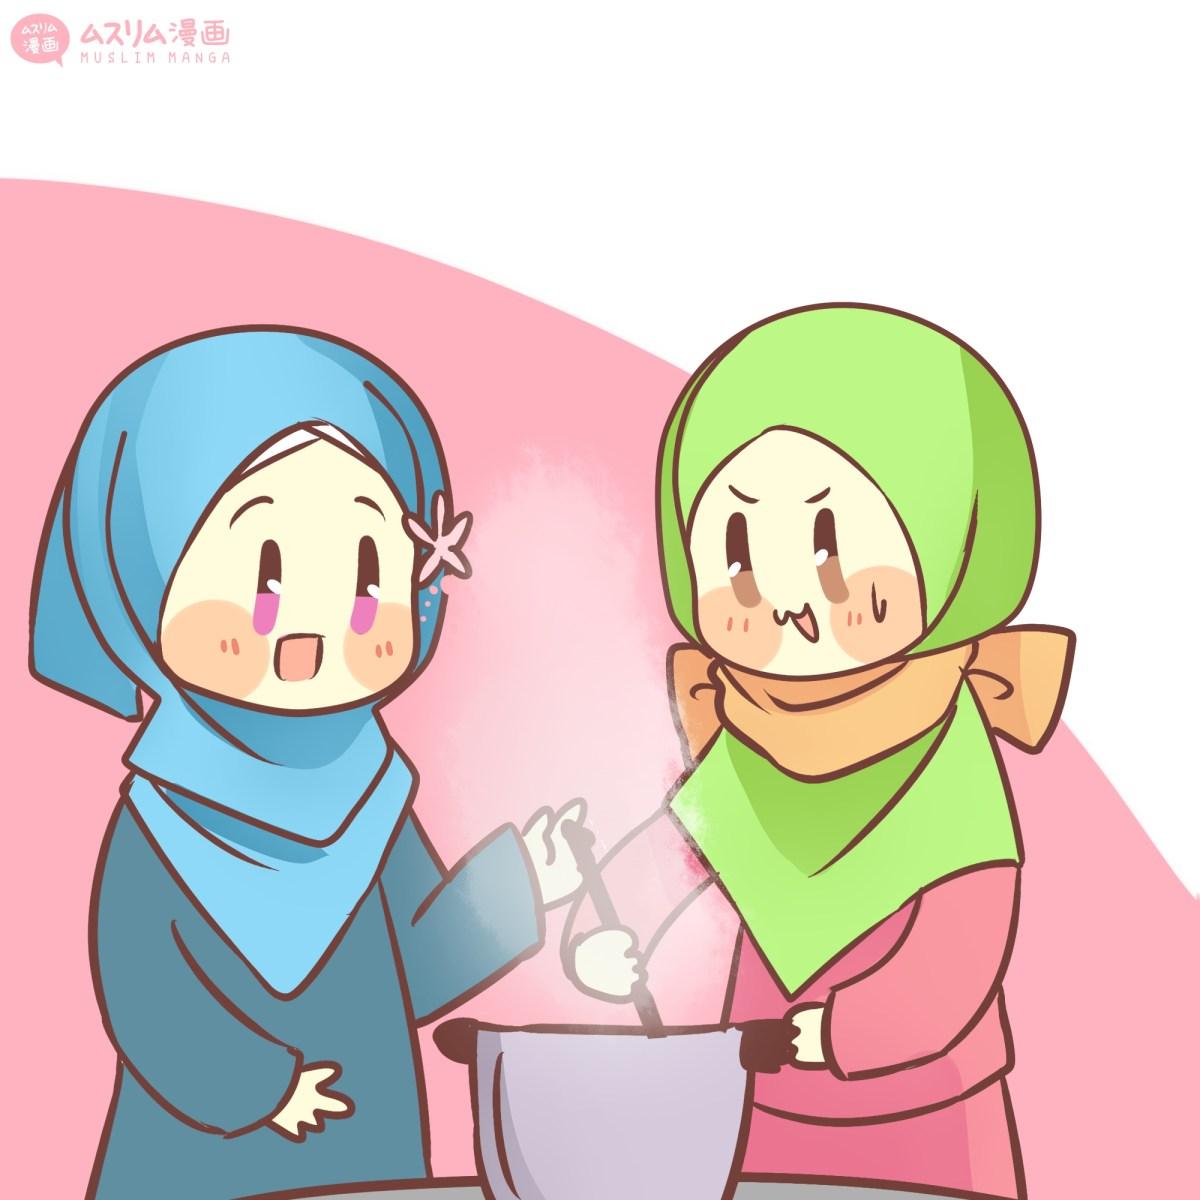 aya and lala